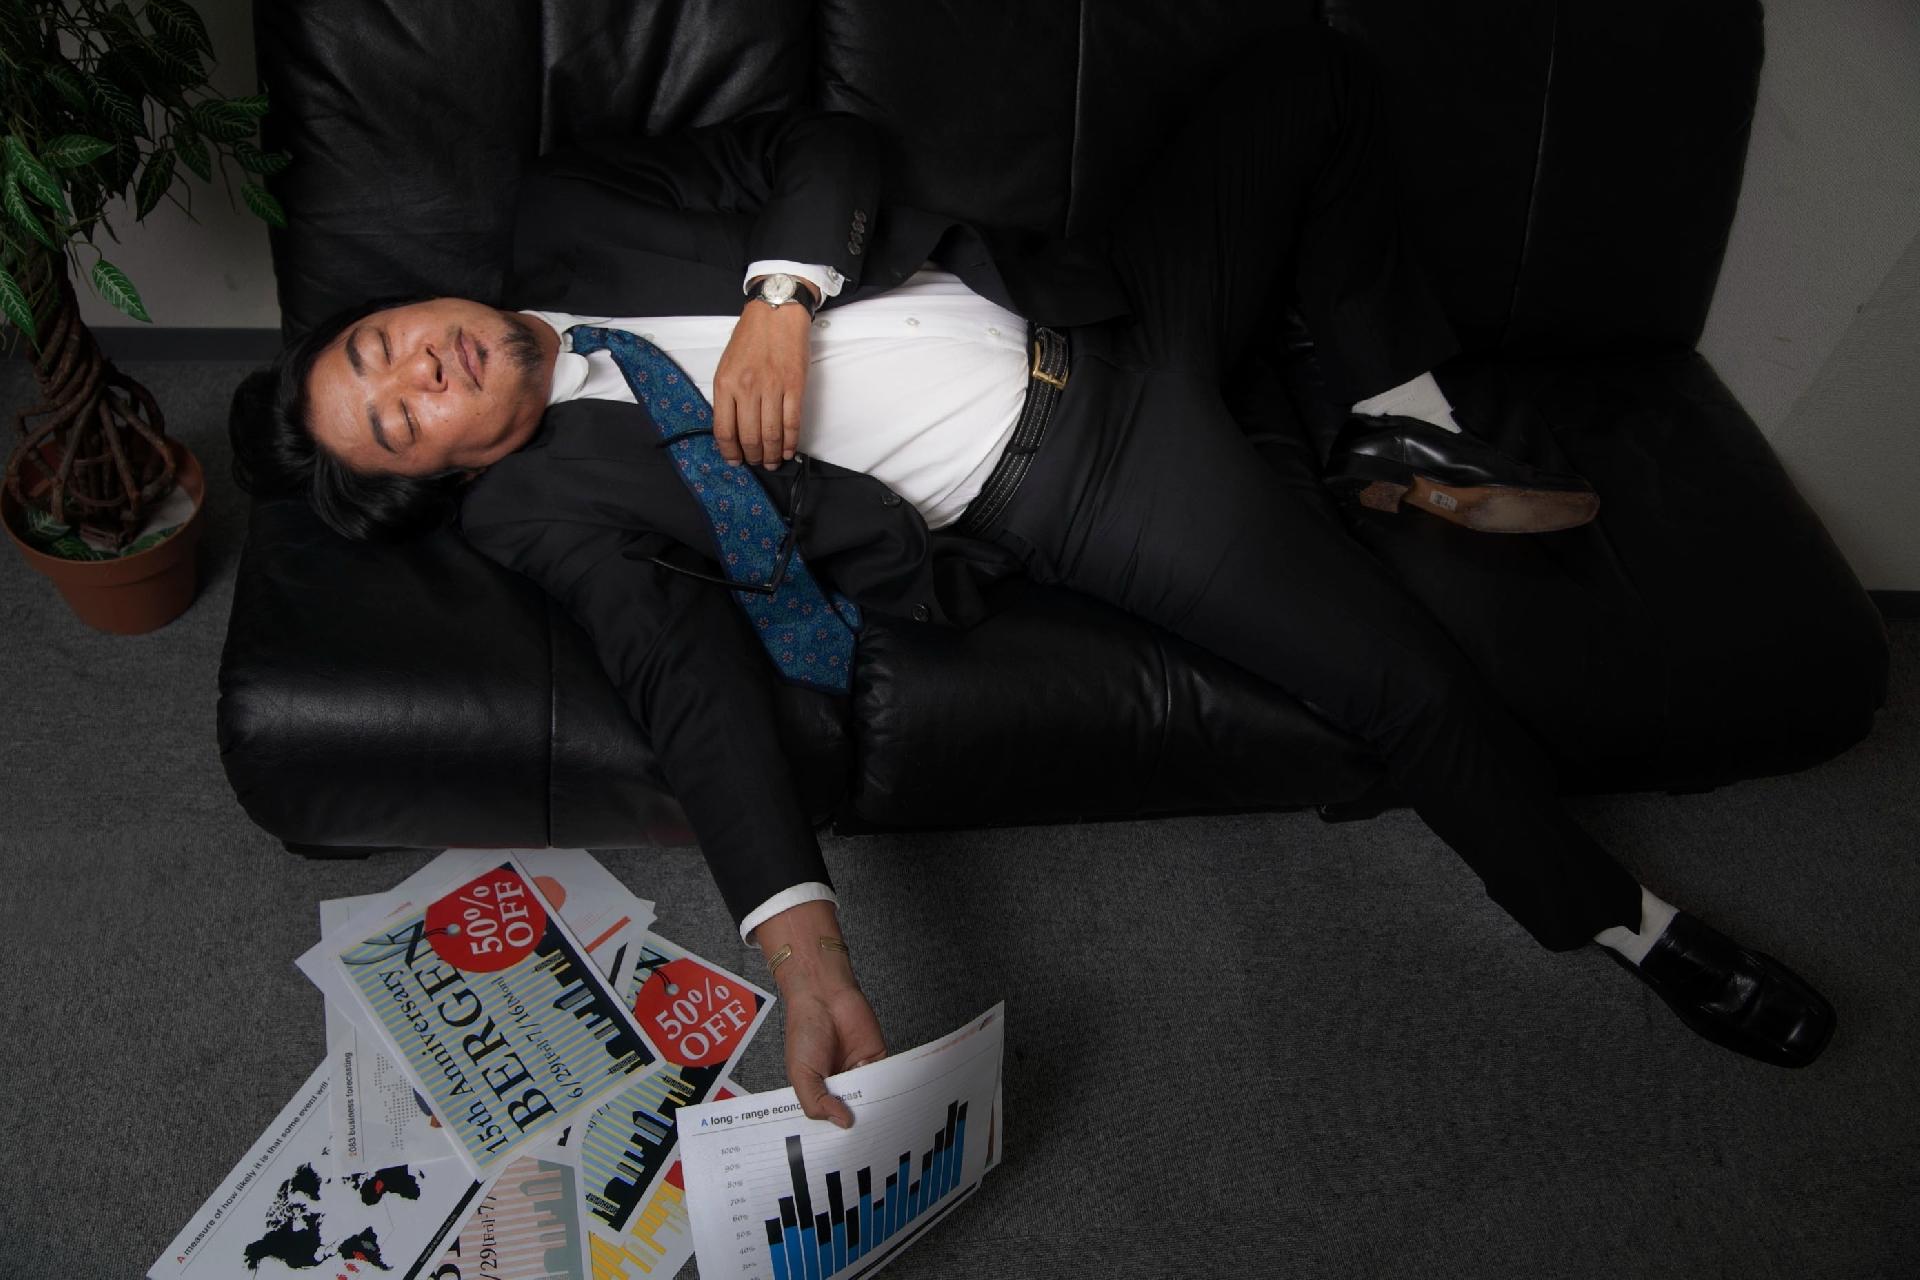 「上司が帰るまで残業をする」という付き合い残業は例外なくゴミである